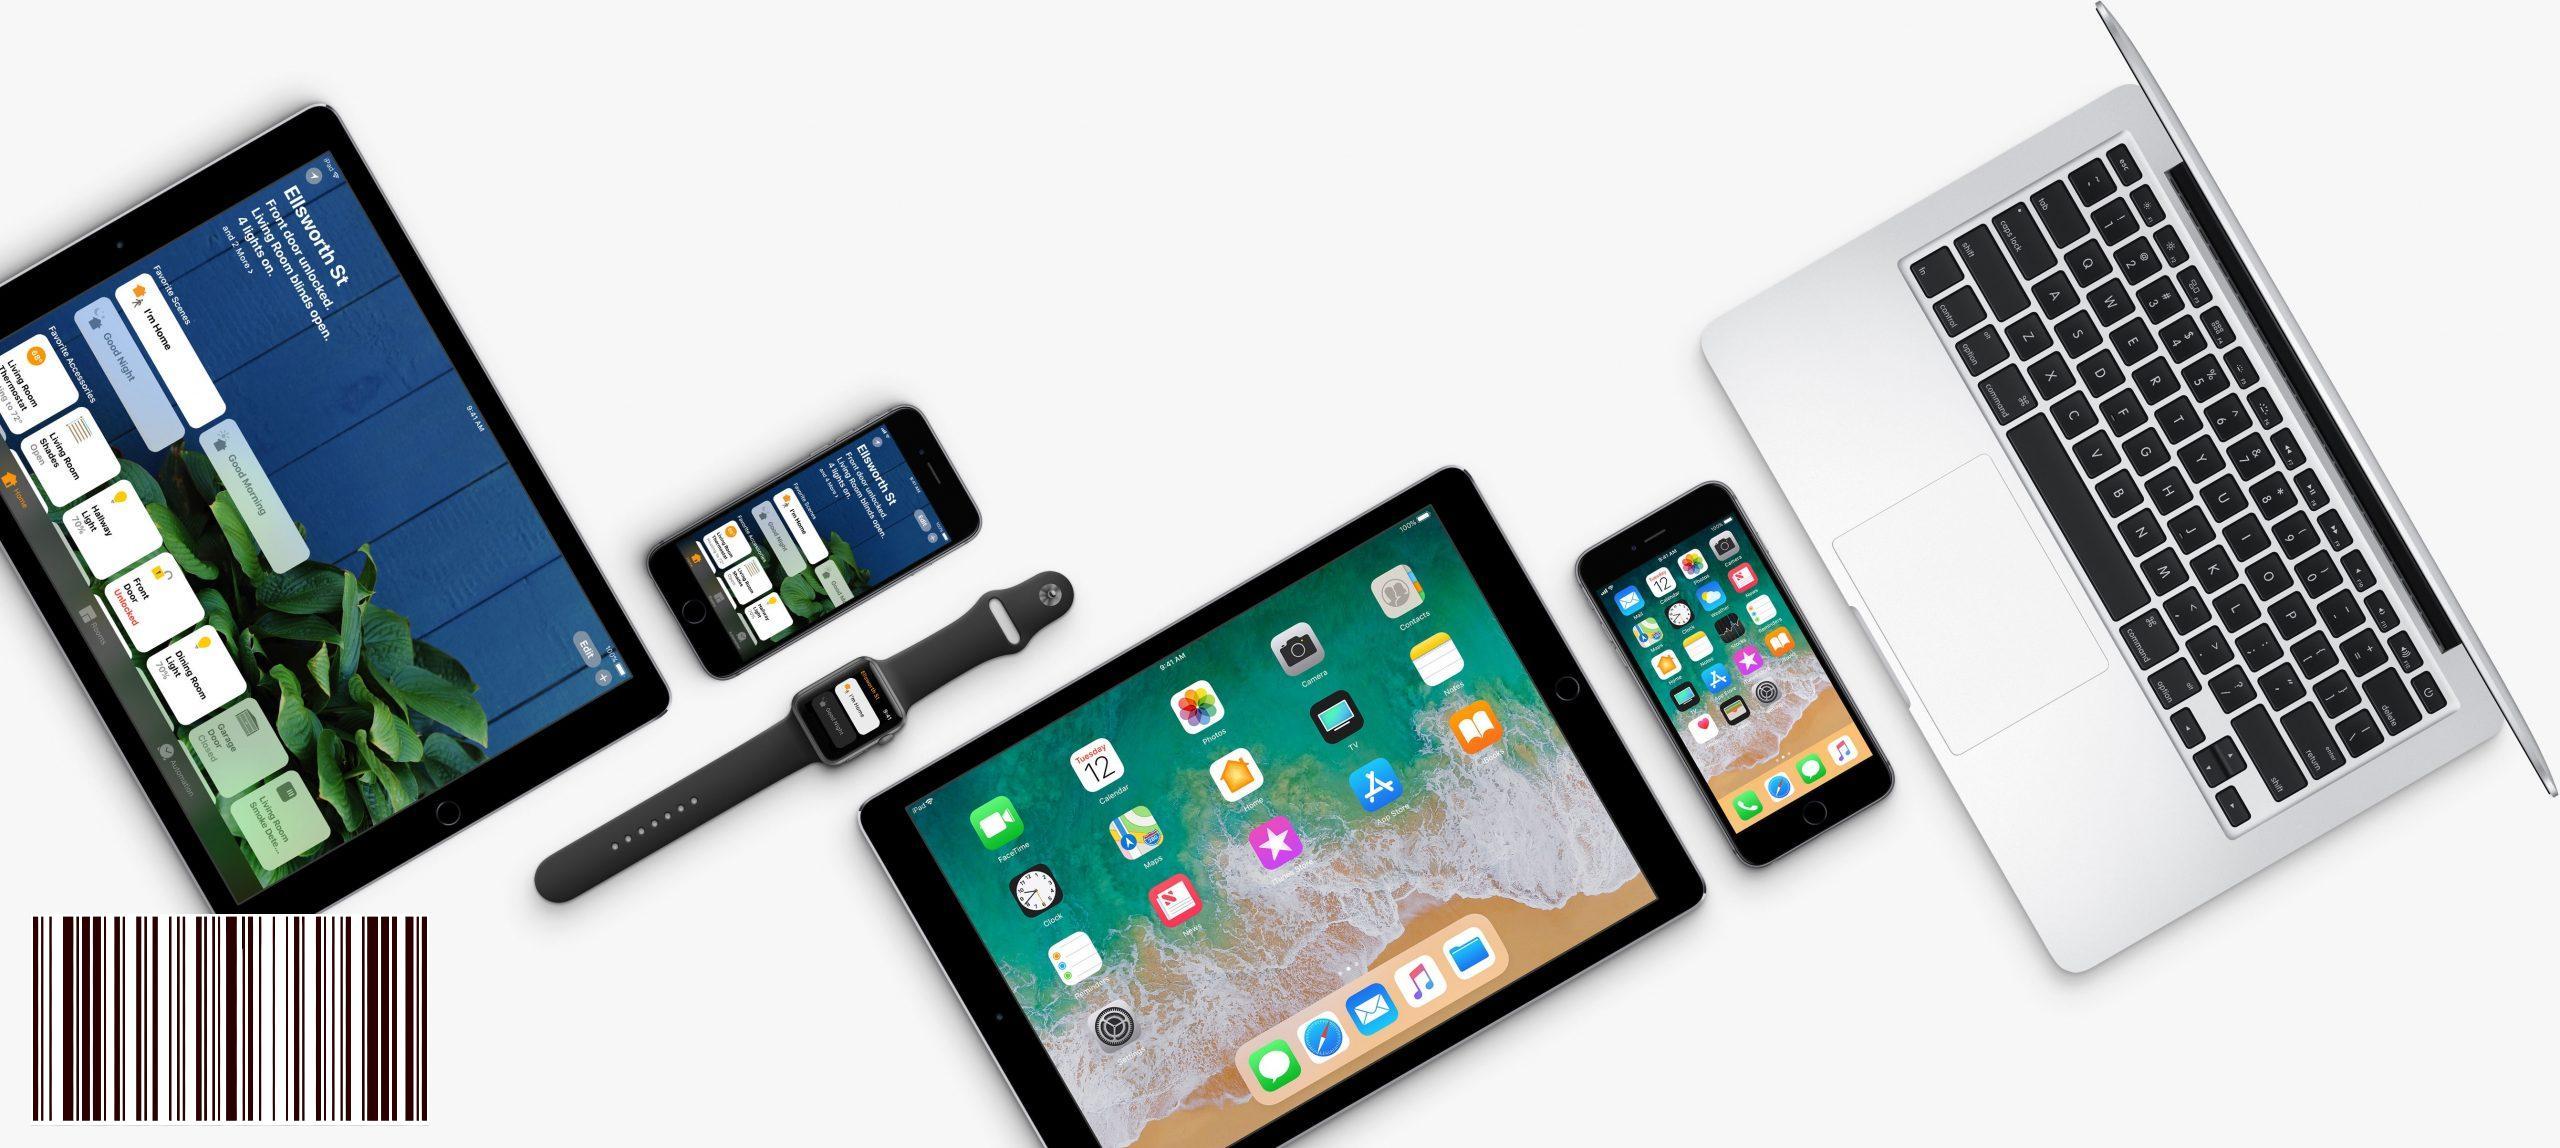 قامت Apple بإصدار iOS 11.4.1 و watchOS 4.3.2 و tvOS 11.4.1 و audioOS 11.4.1 لجميع المستخدمين [atualizado 2x]